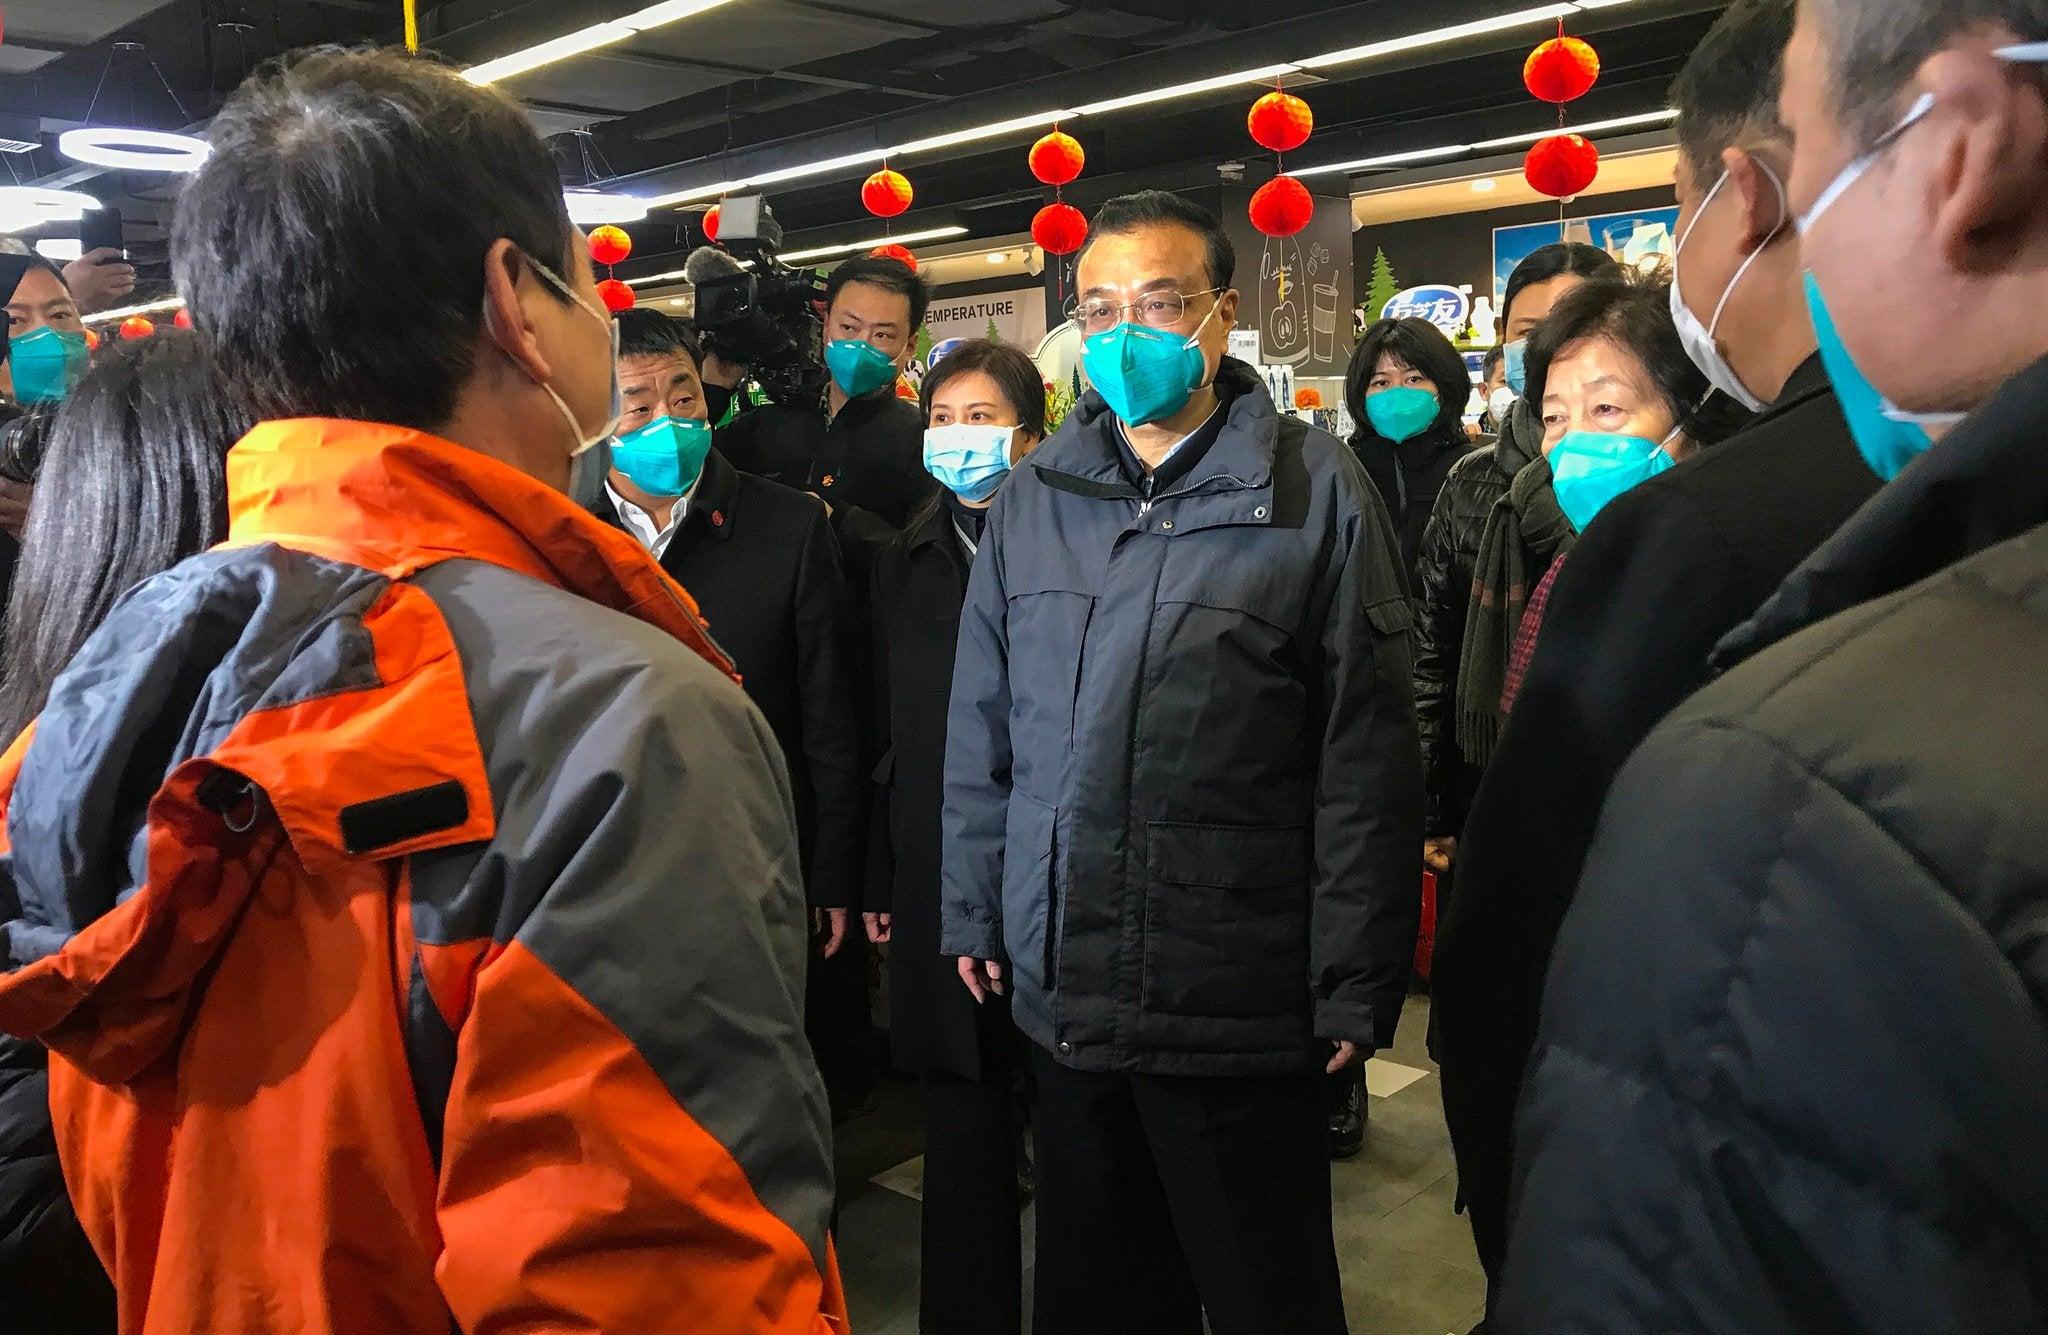 Эпидемия и цензура: власти Китая пытаются сдерживать распространение информации о коронавирусе - 2